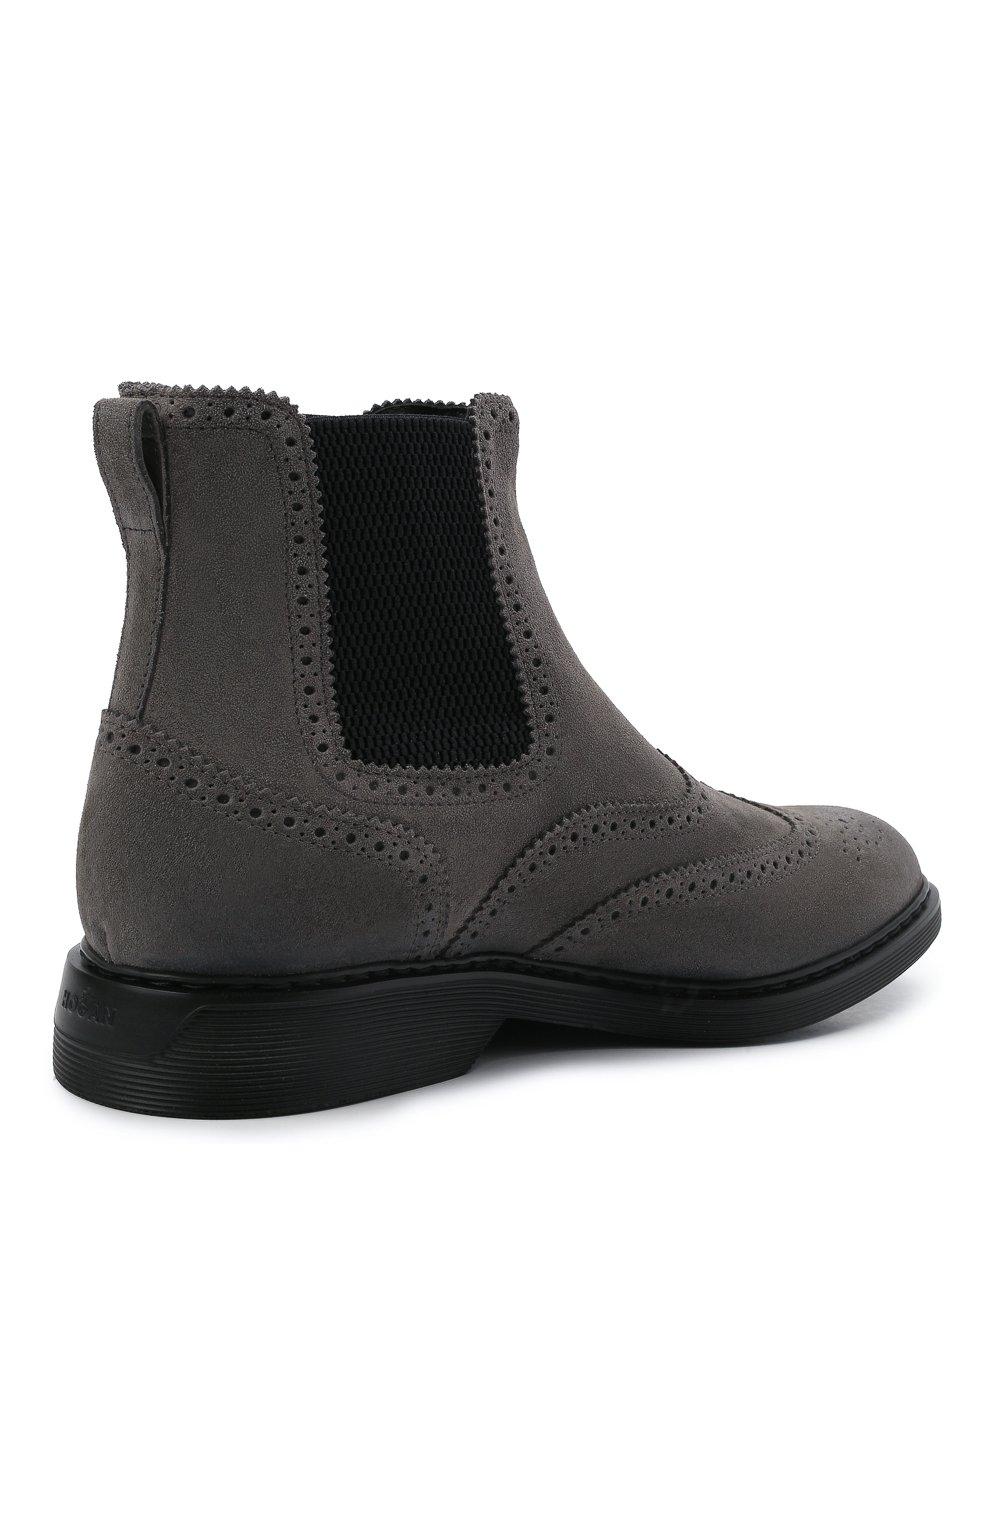 Мужские замшевые челси HOGAN серого цвета, арт. HXM5760DT40HG0 | Фото 4 (Материал внутренний: Текстиль; Подошва: Плоская; Мужское Кросс-КТ: Сапоги-обувь, Челси-обувь; Материал внешний: Замша)